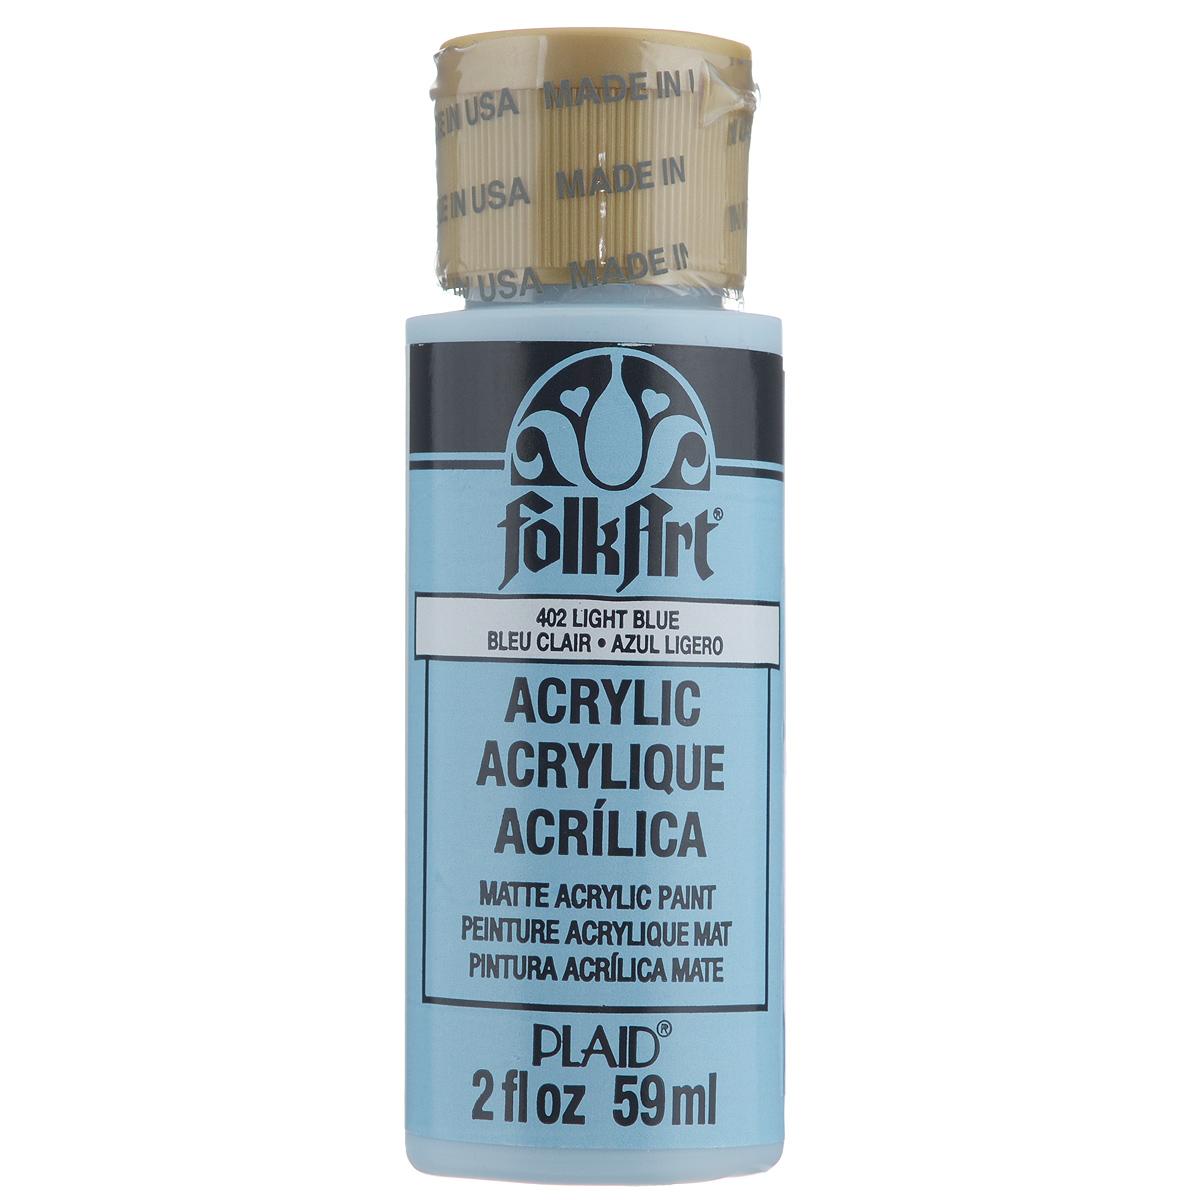 Акриловая краска FolkArt, цвет: светло-голубой, 59 млPP-001Акриловая краска FolkArt выполнена на водной основе и предназначена для рисования на пористых поверхностях. Возможно нанесение на ткань, стекло и керамику при использовании со специальными составами-медиумами. Стойкое окрашивание, однородная консистенция. Краски разных цветов хорошо смешиваются между собой.Перед повторным нанесением краски дать высохнуть в течение 1 часа. До высыхания может быть смыта водой с мылом. Объем: 59 мл.